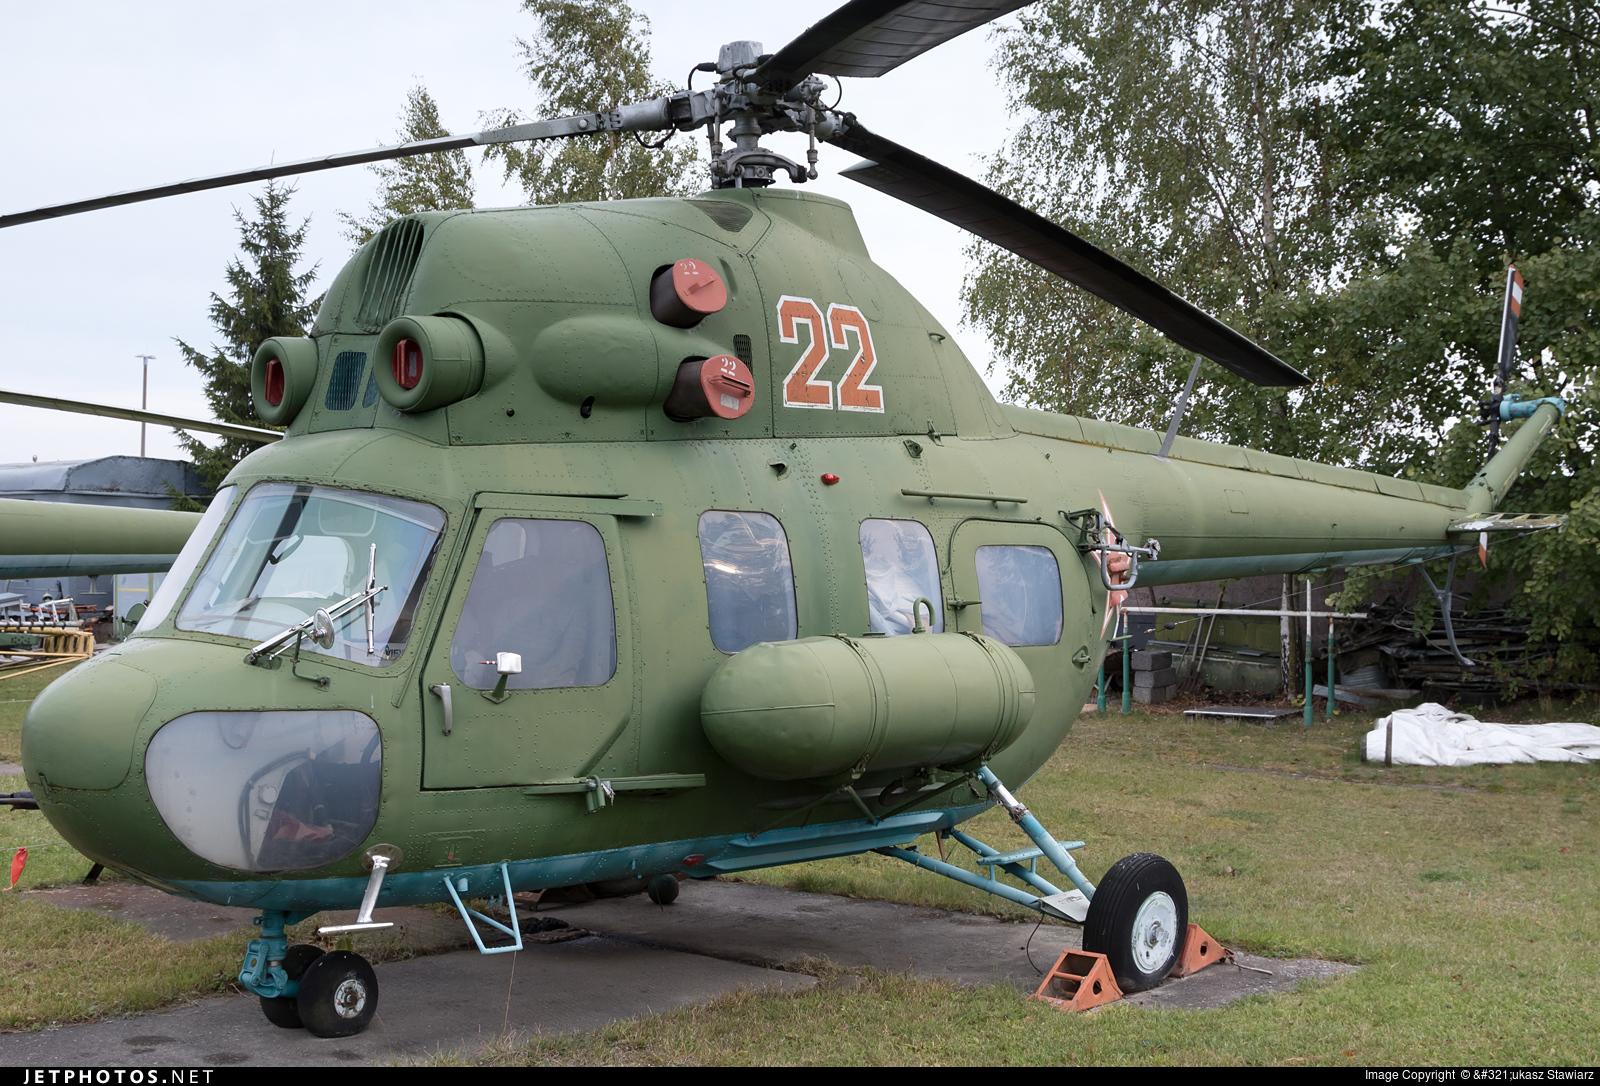 22 - PZL-Swidnik Mi-2 Hoplite - Russia - Air Force